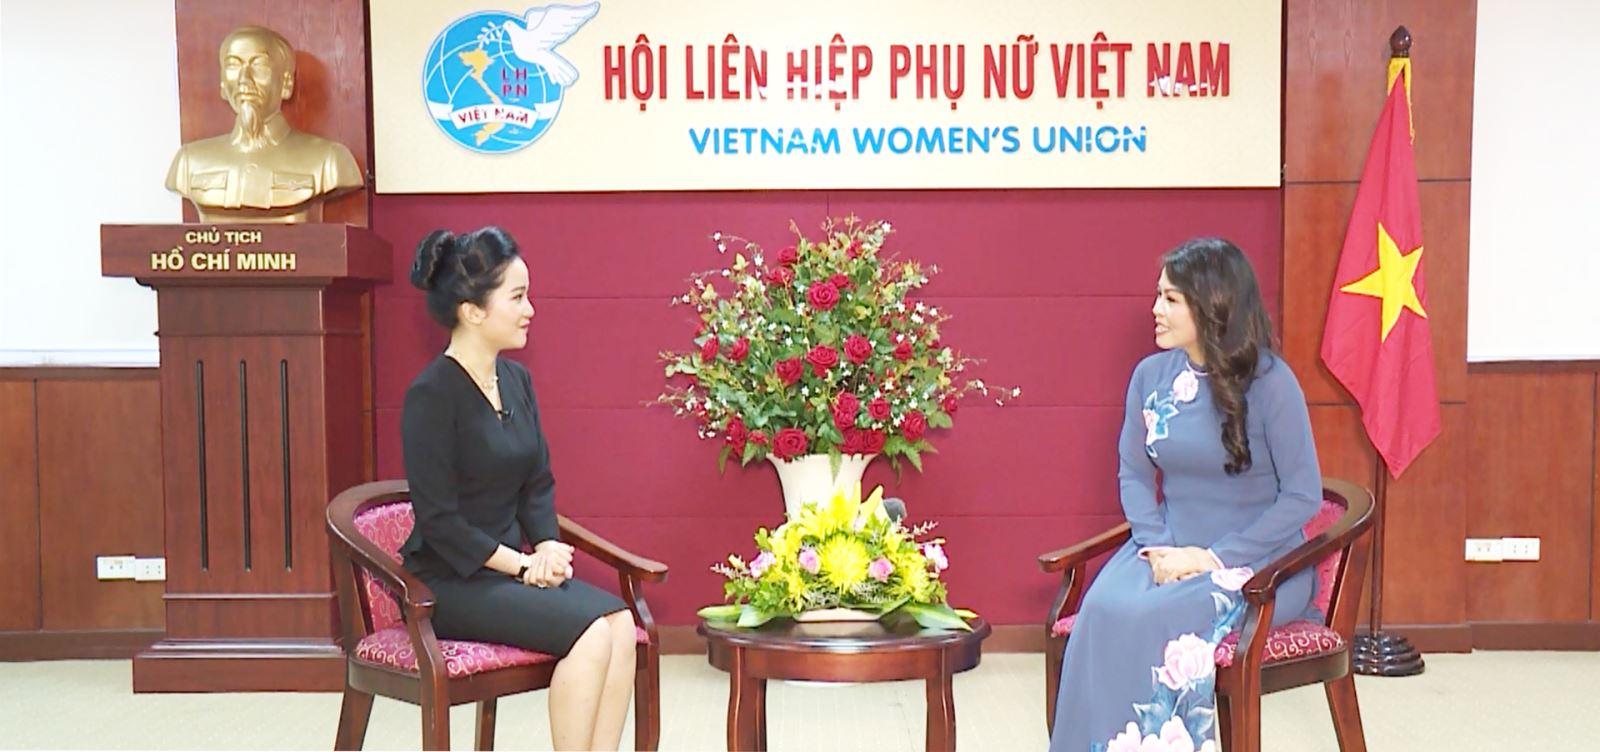 Phát huy nội lực của phụ nữ trong hội nhập quốc tế